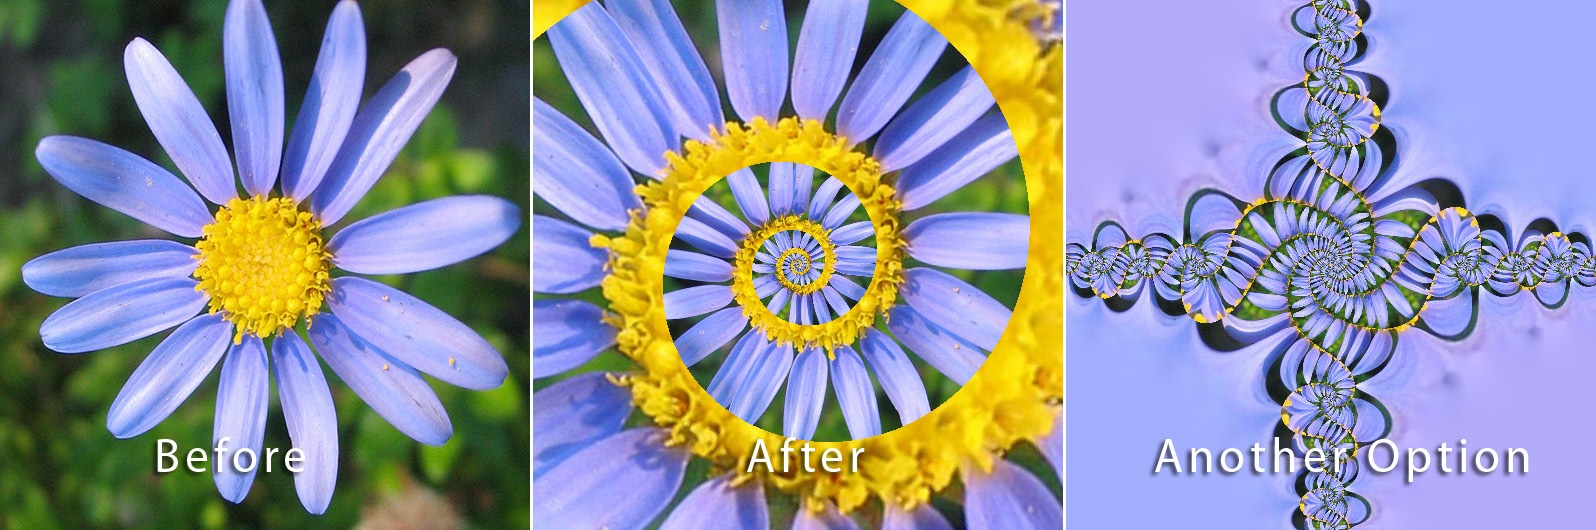 Droste effect photoshop cs5 download